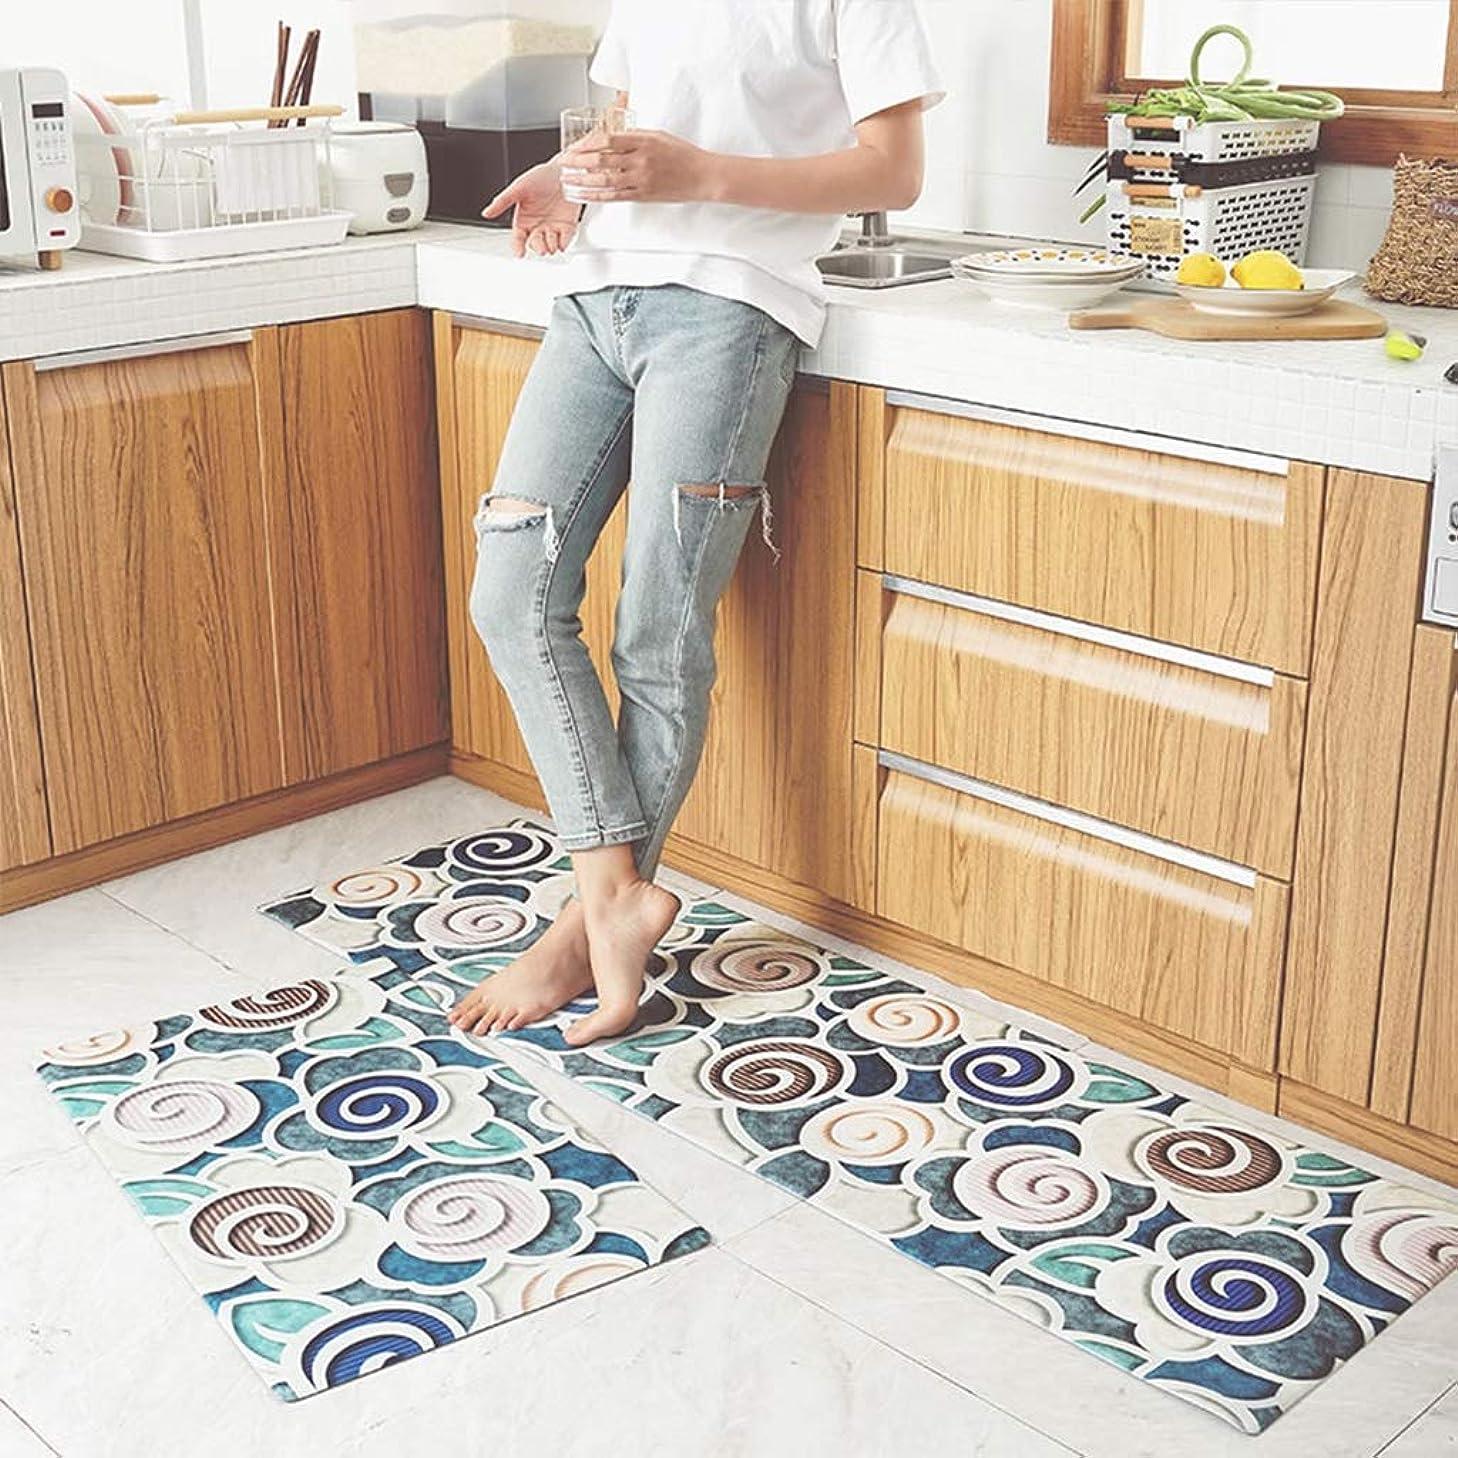 思慮のないコンテンツチューリップRBZCCP キッチンマット家庭用滑り止めオイル防止防水マットカーペット (Color : C)